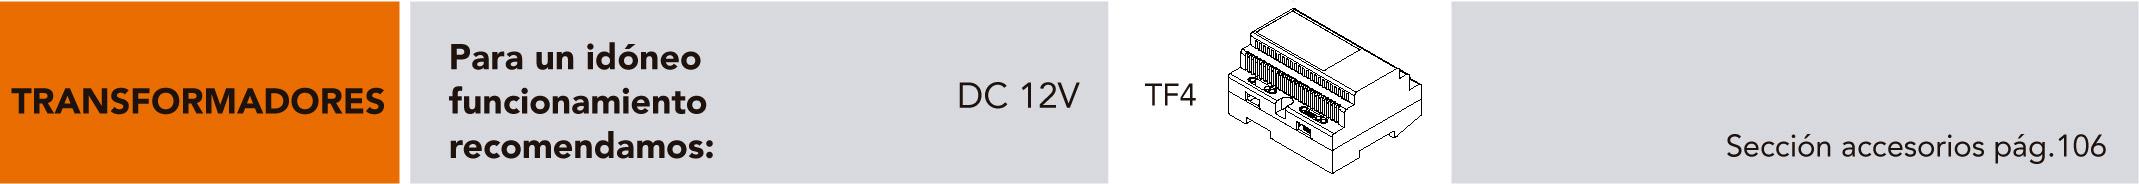 V11_transformadores